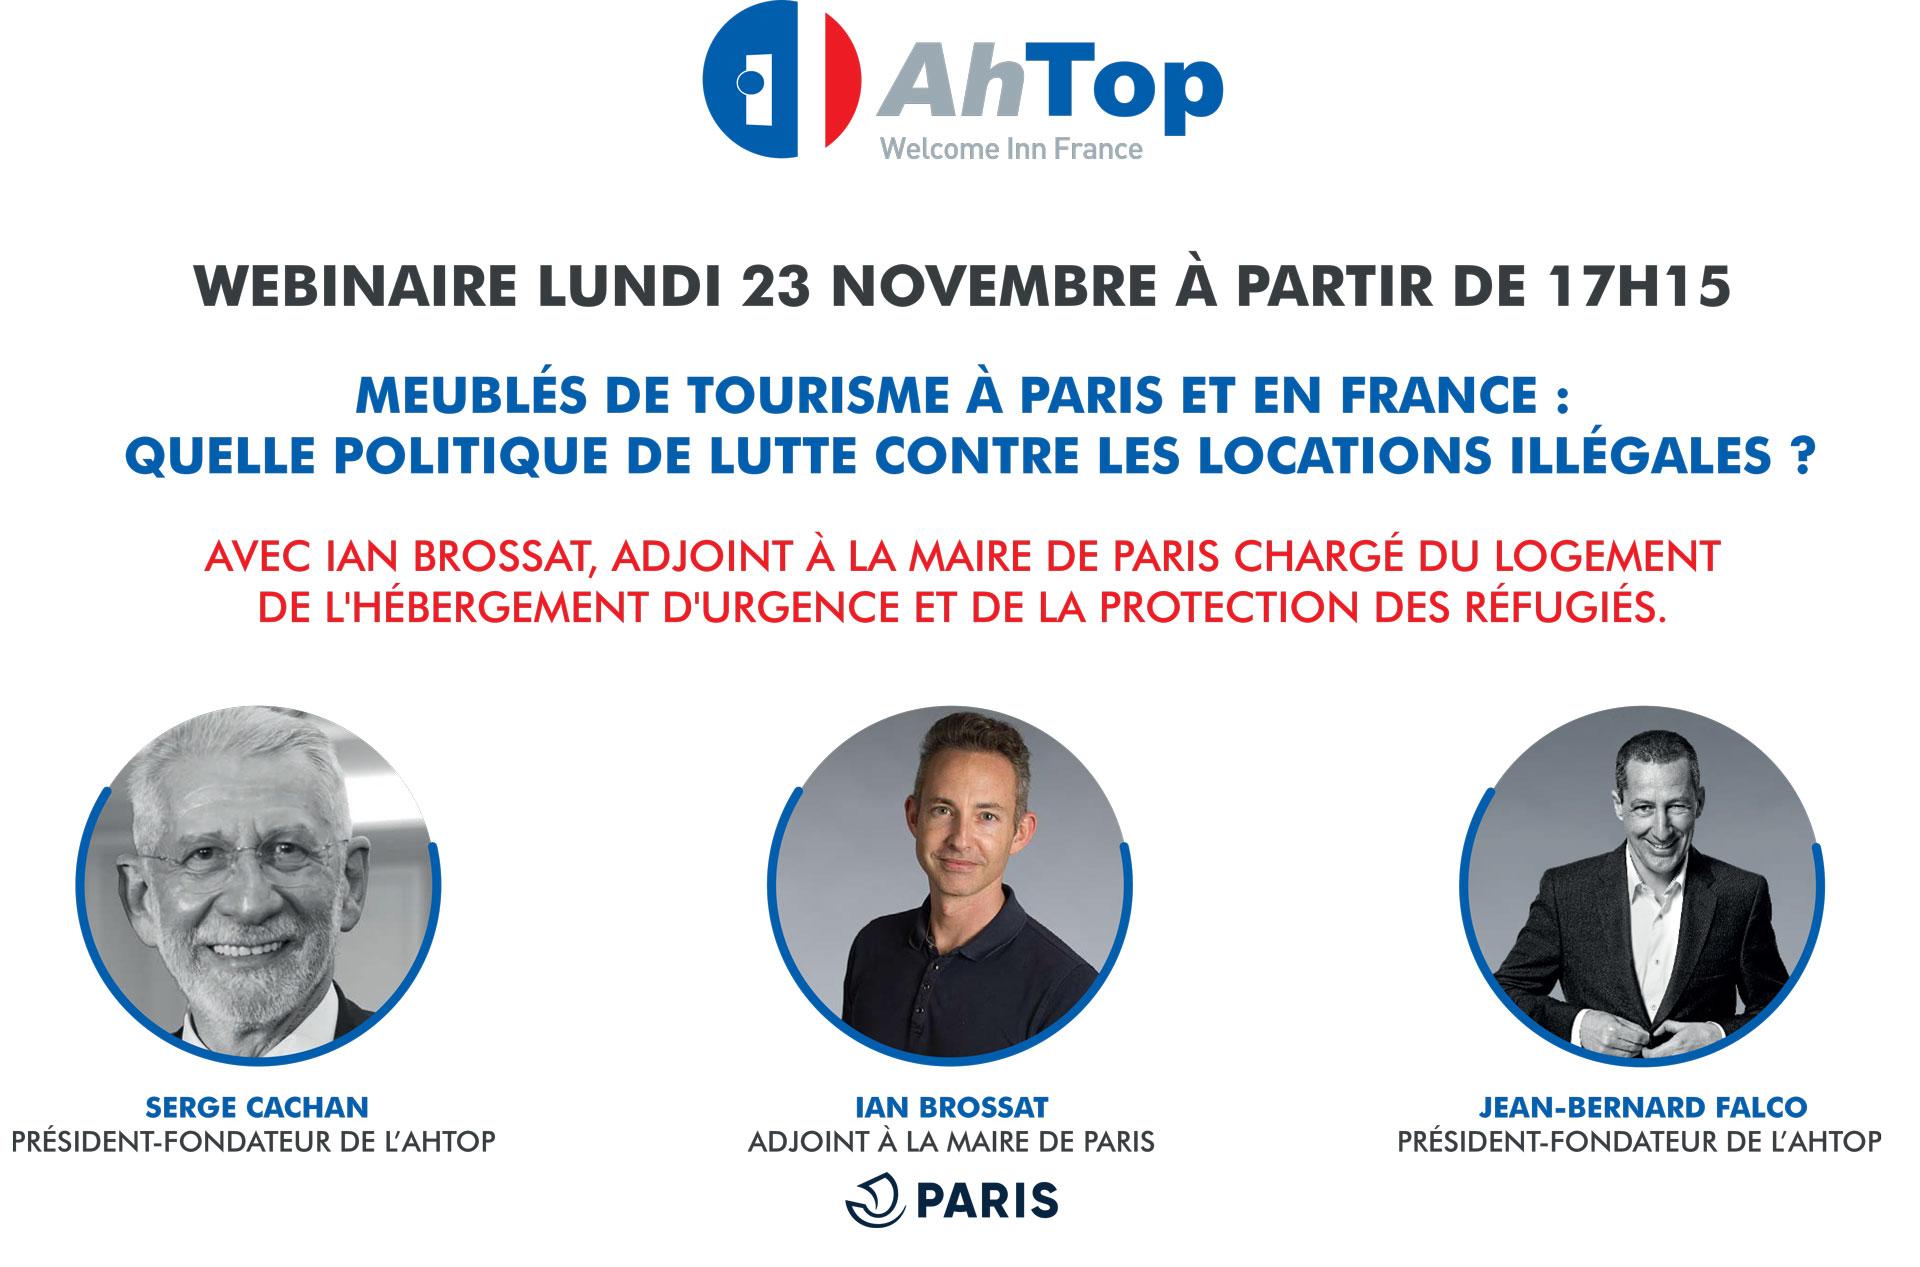 Webinar Meubles De Tourisme A Paris Et En France Quelle Politique De Lutte Contre Les Locations Illegales Le 23 Novembre 2020 Tendancehotellerie